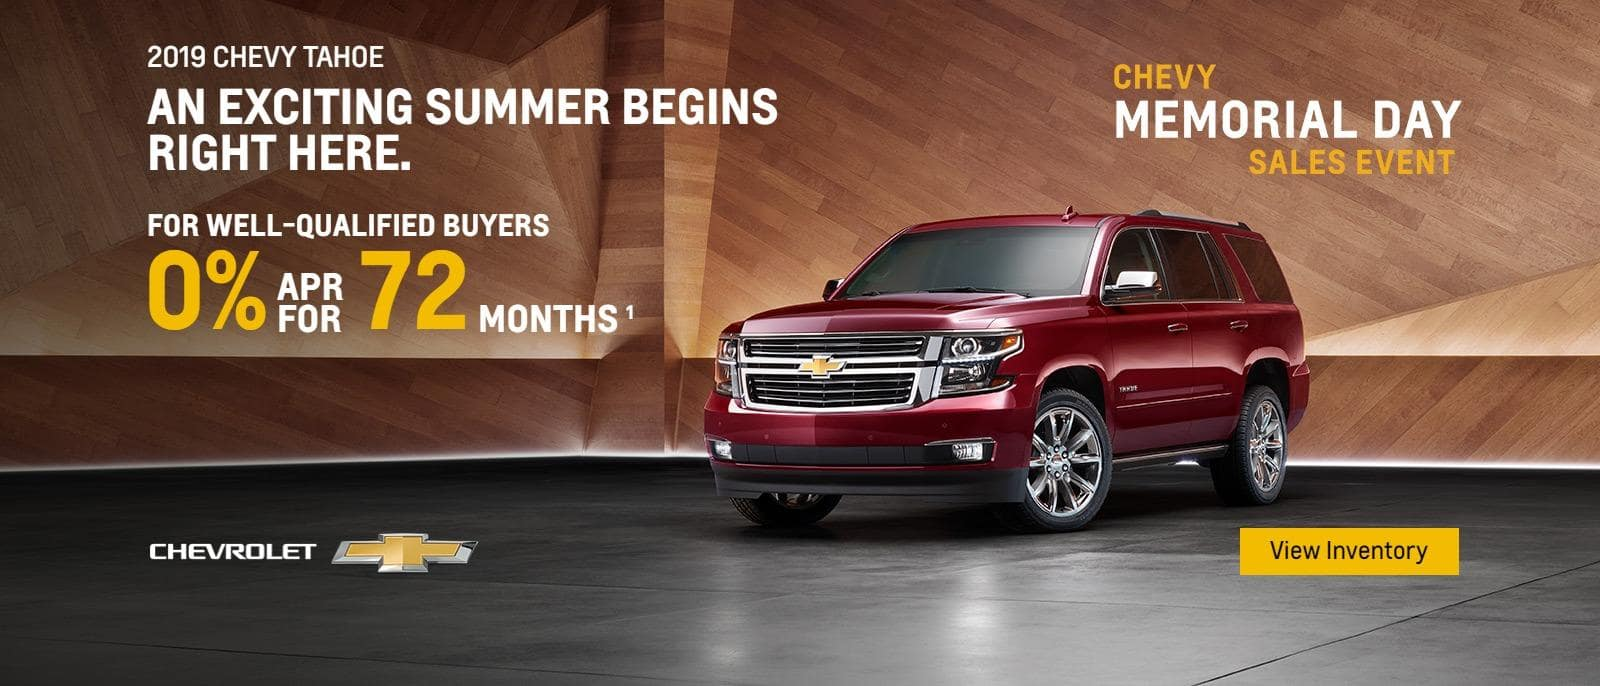 Jerry Haggerty Chevrolet   Chevrolet Dealer in Glen Ellyn, IL